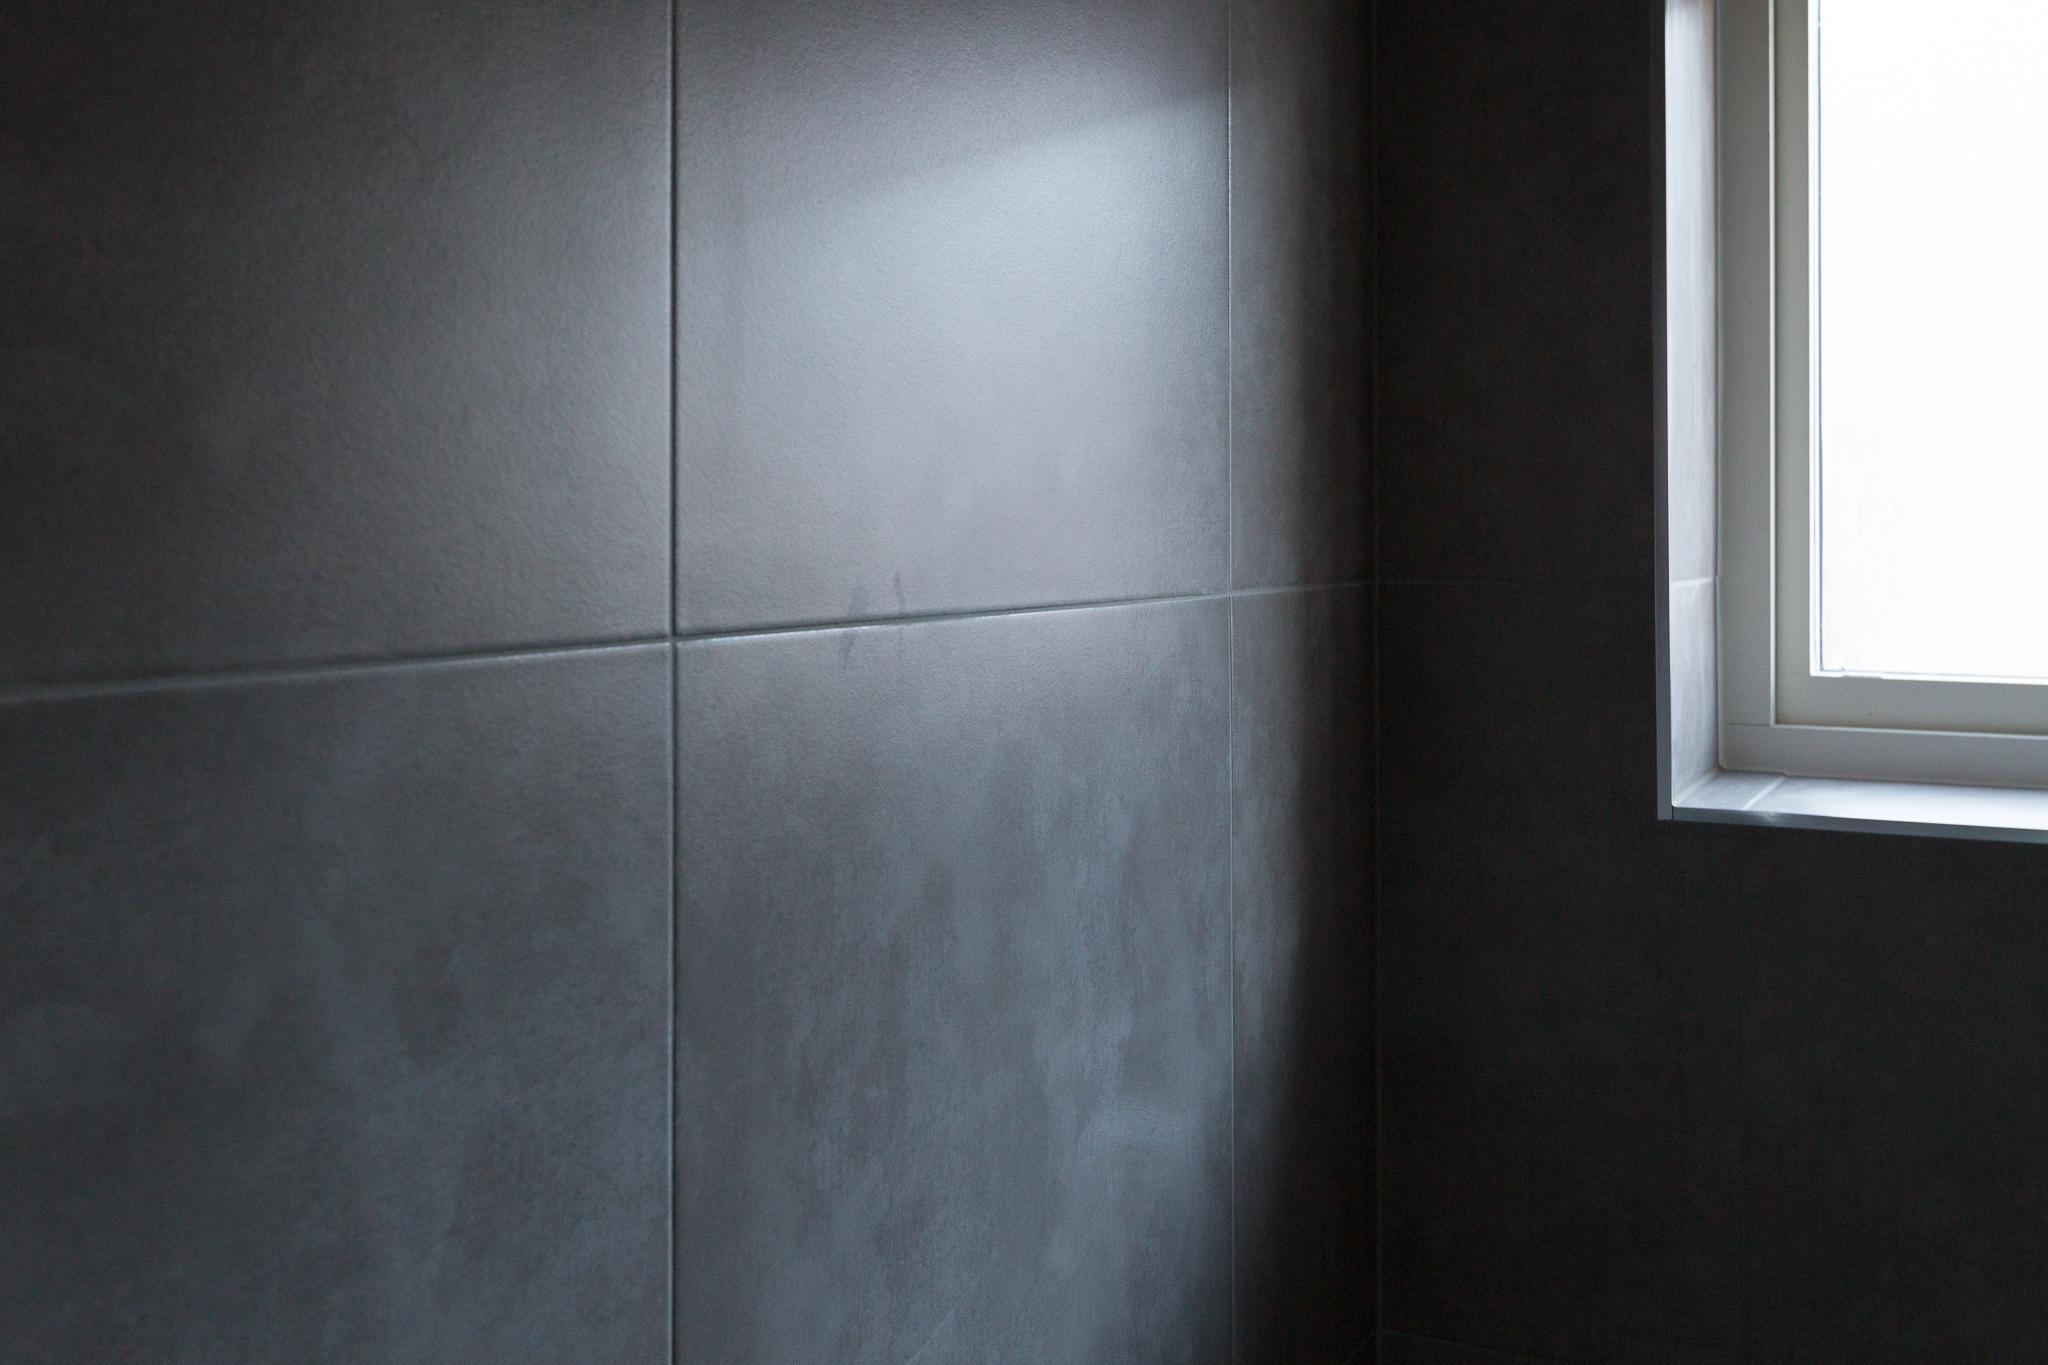 Plattsättning i badrummet nere och tvättstugan är klar. Nu ska stora badrummet förberedas för plattor och färdigställas av  EDC Bygg.